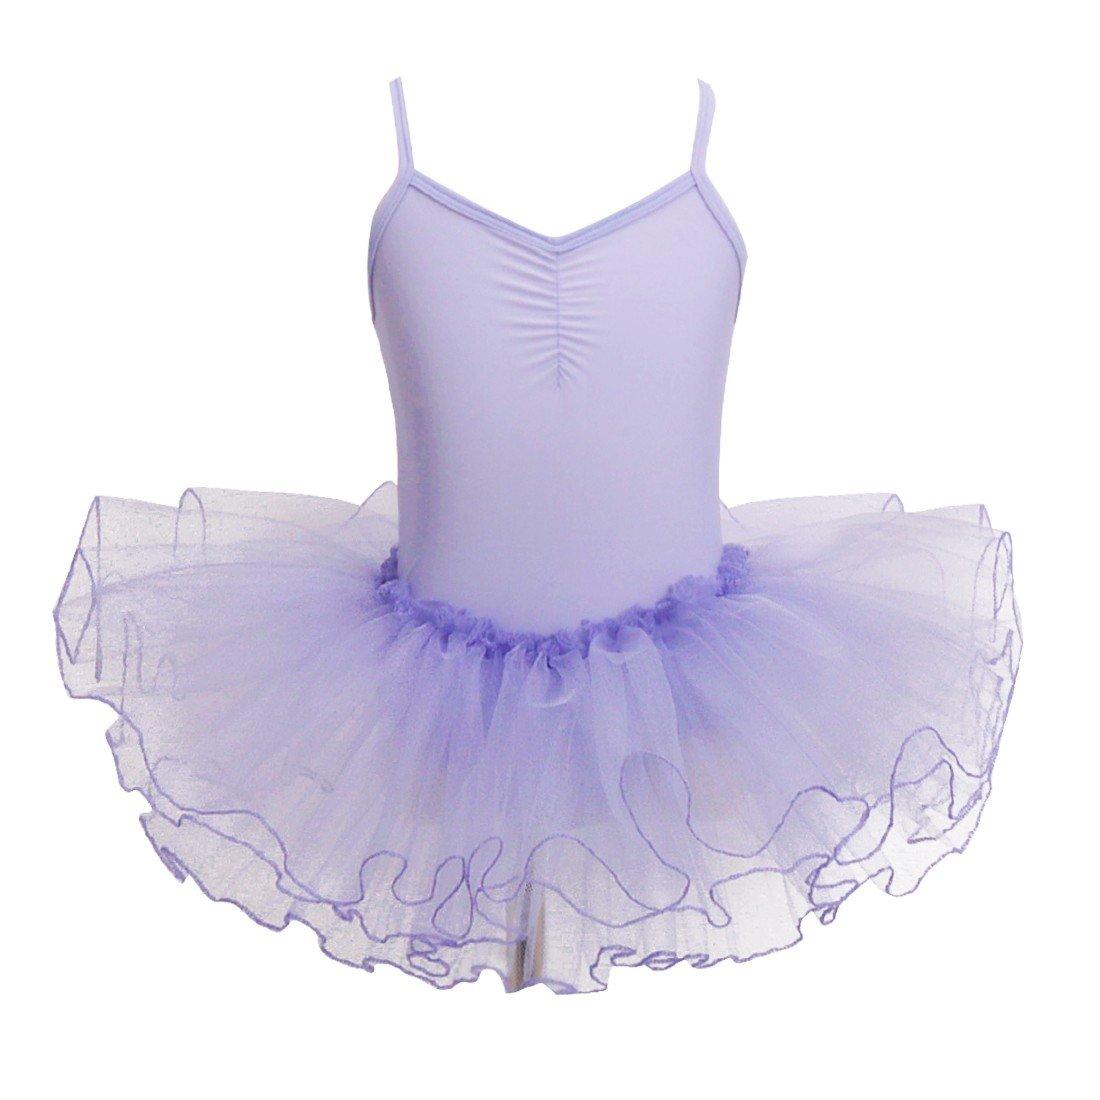 Ballett Mädchen Ballettanzug Ballettkleid Trikot Kurzarm Turnanzug Türkis Gr Bekleidung 98-104